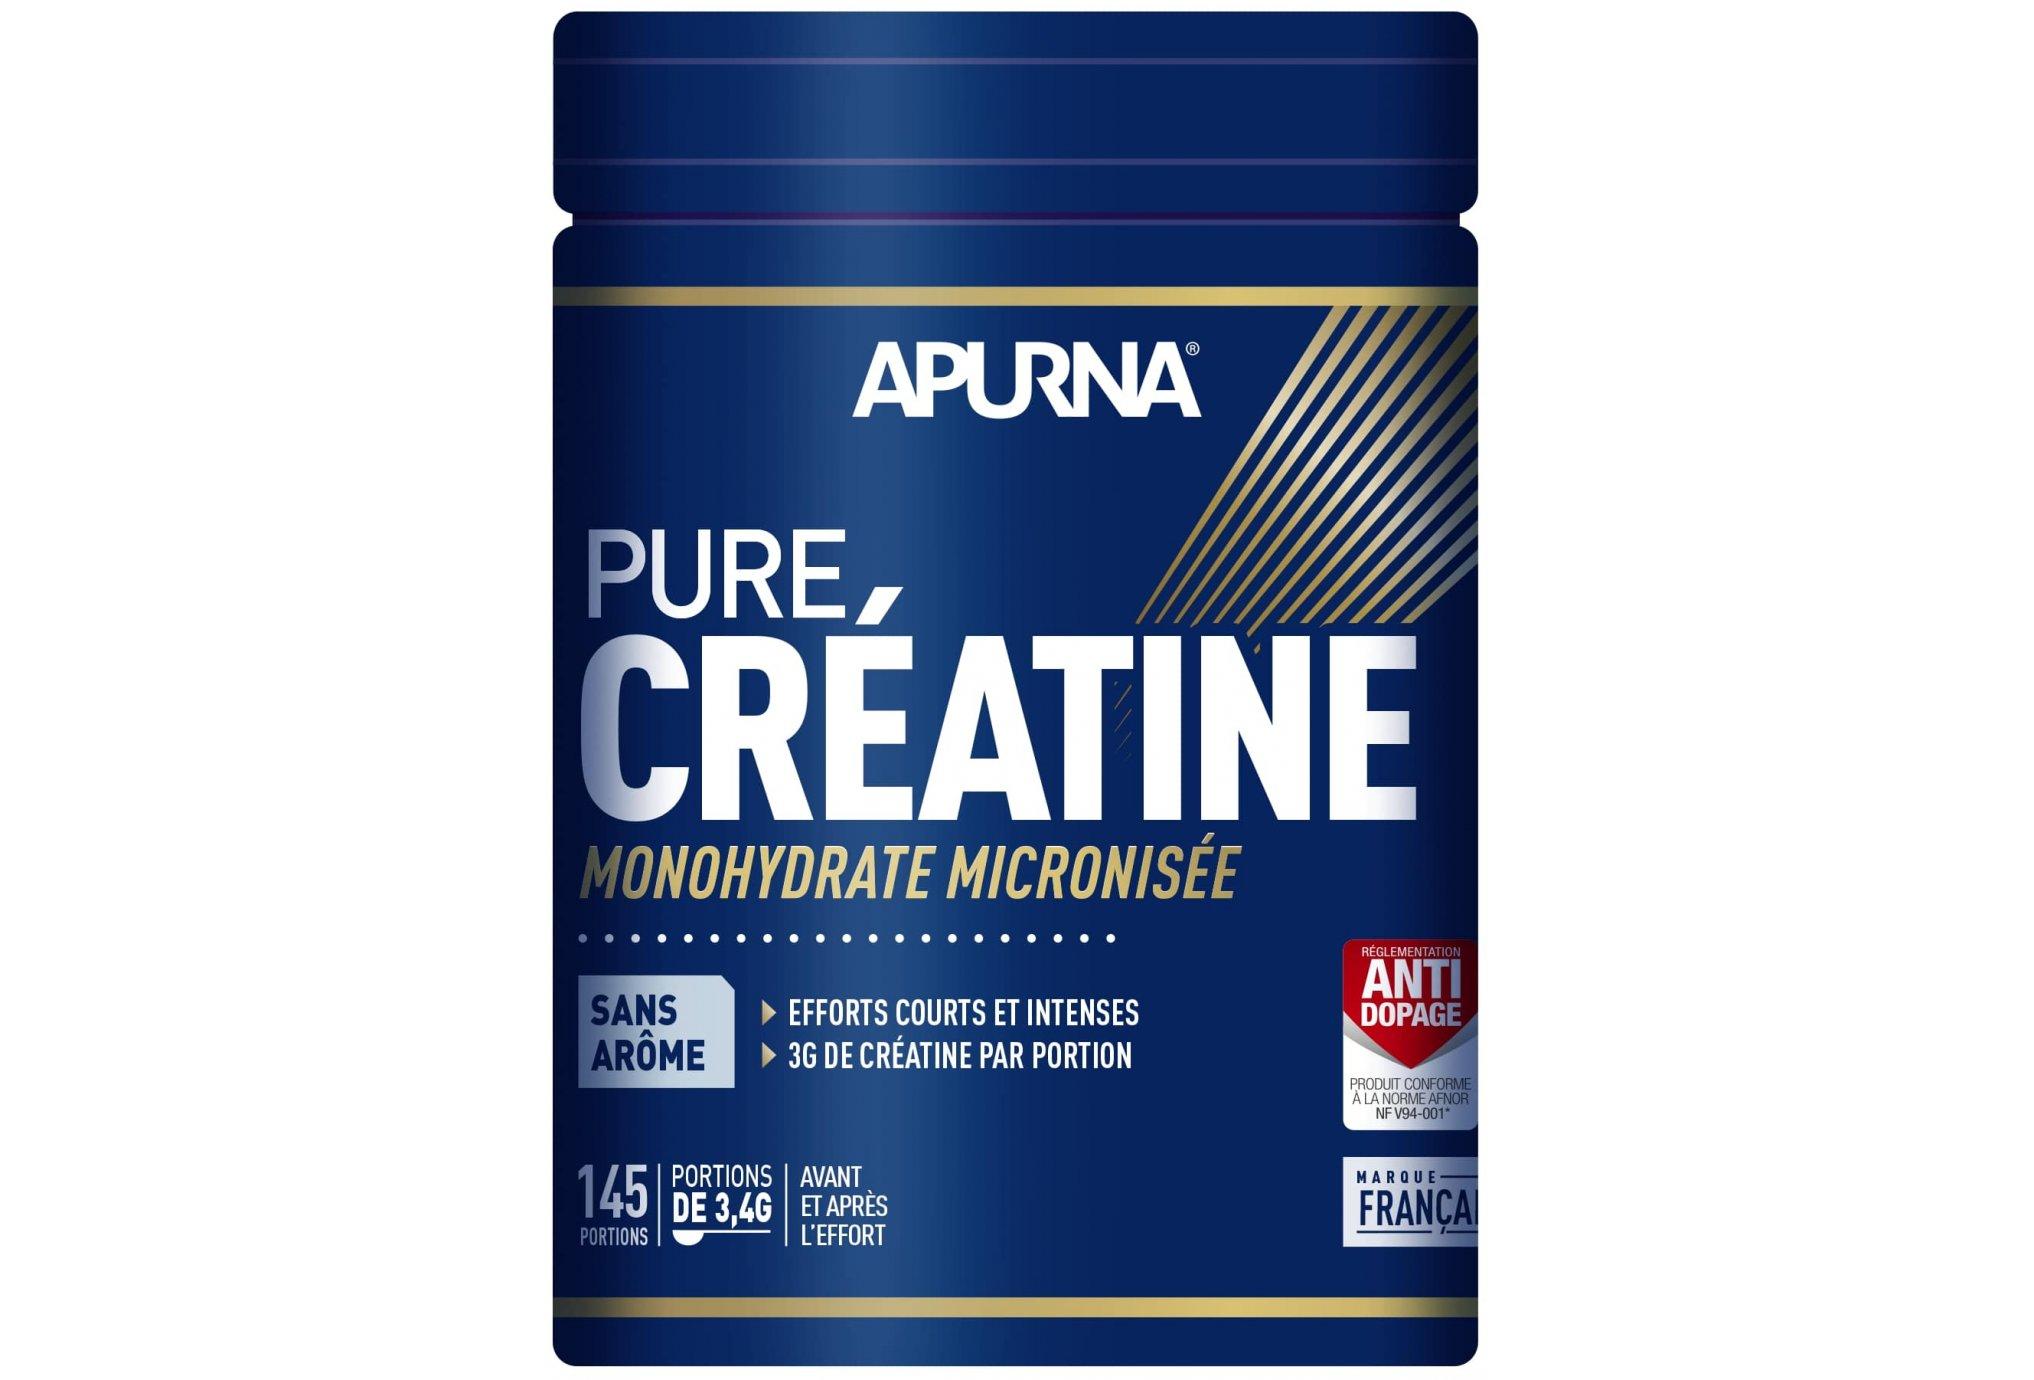 Apurna Pure Créatine - Neutre - 500 g Diététique Compléments